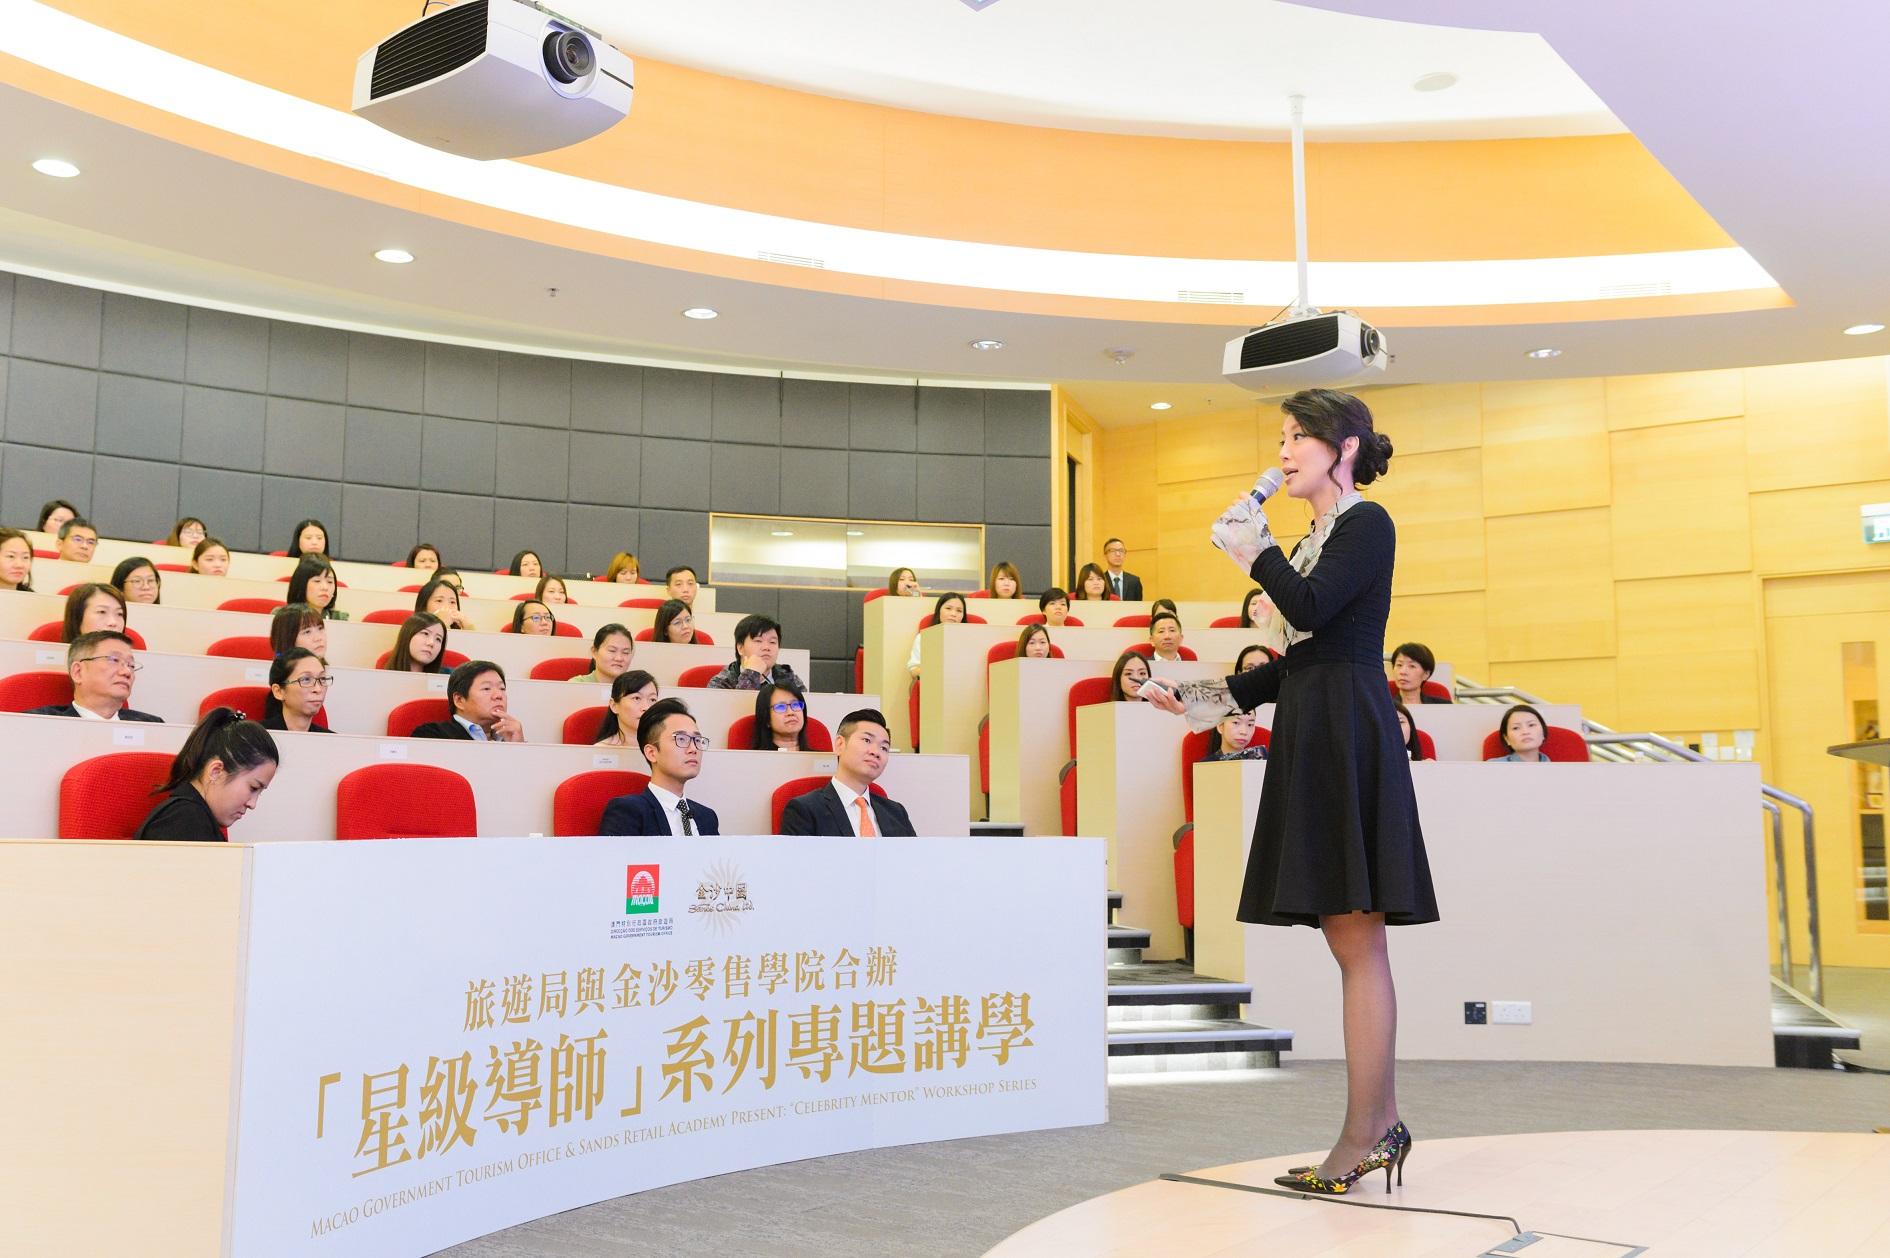 「星級導師」系列專題講座 – 金沙中國有限公司